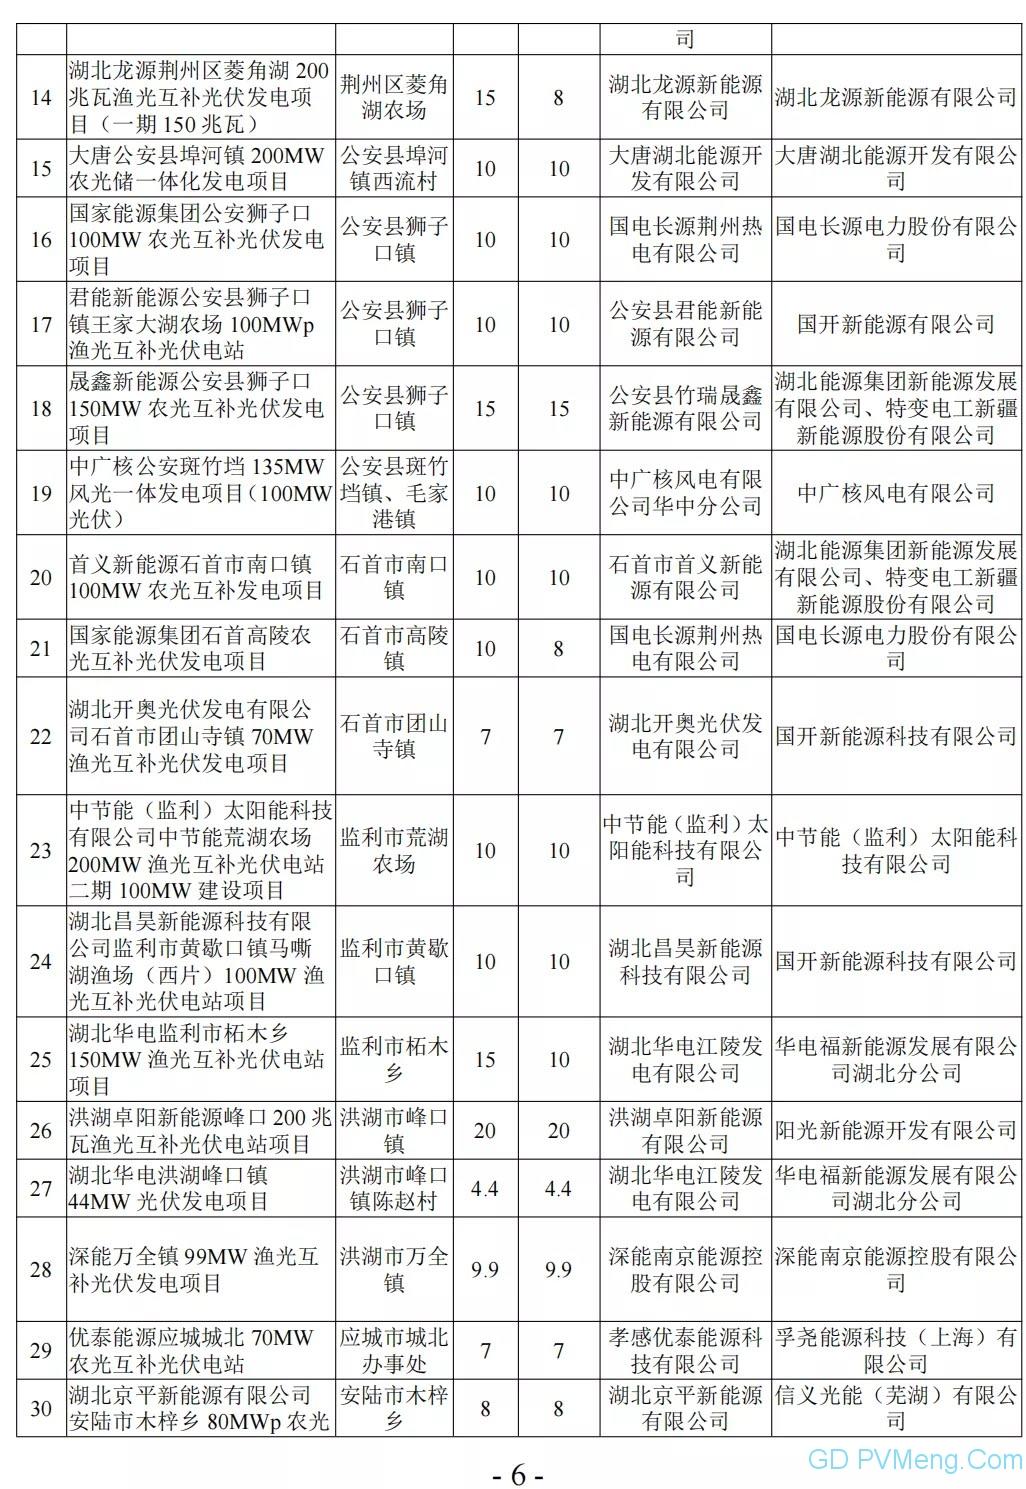 湖北省能源局关于2021年平价新能源项目审查结果的公示20210916